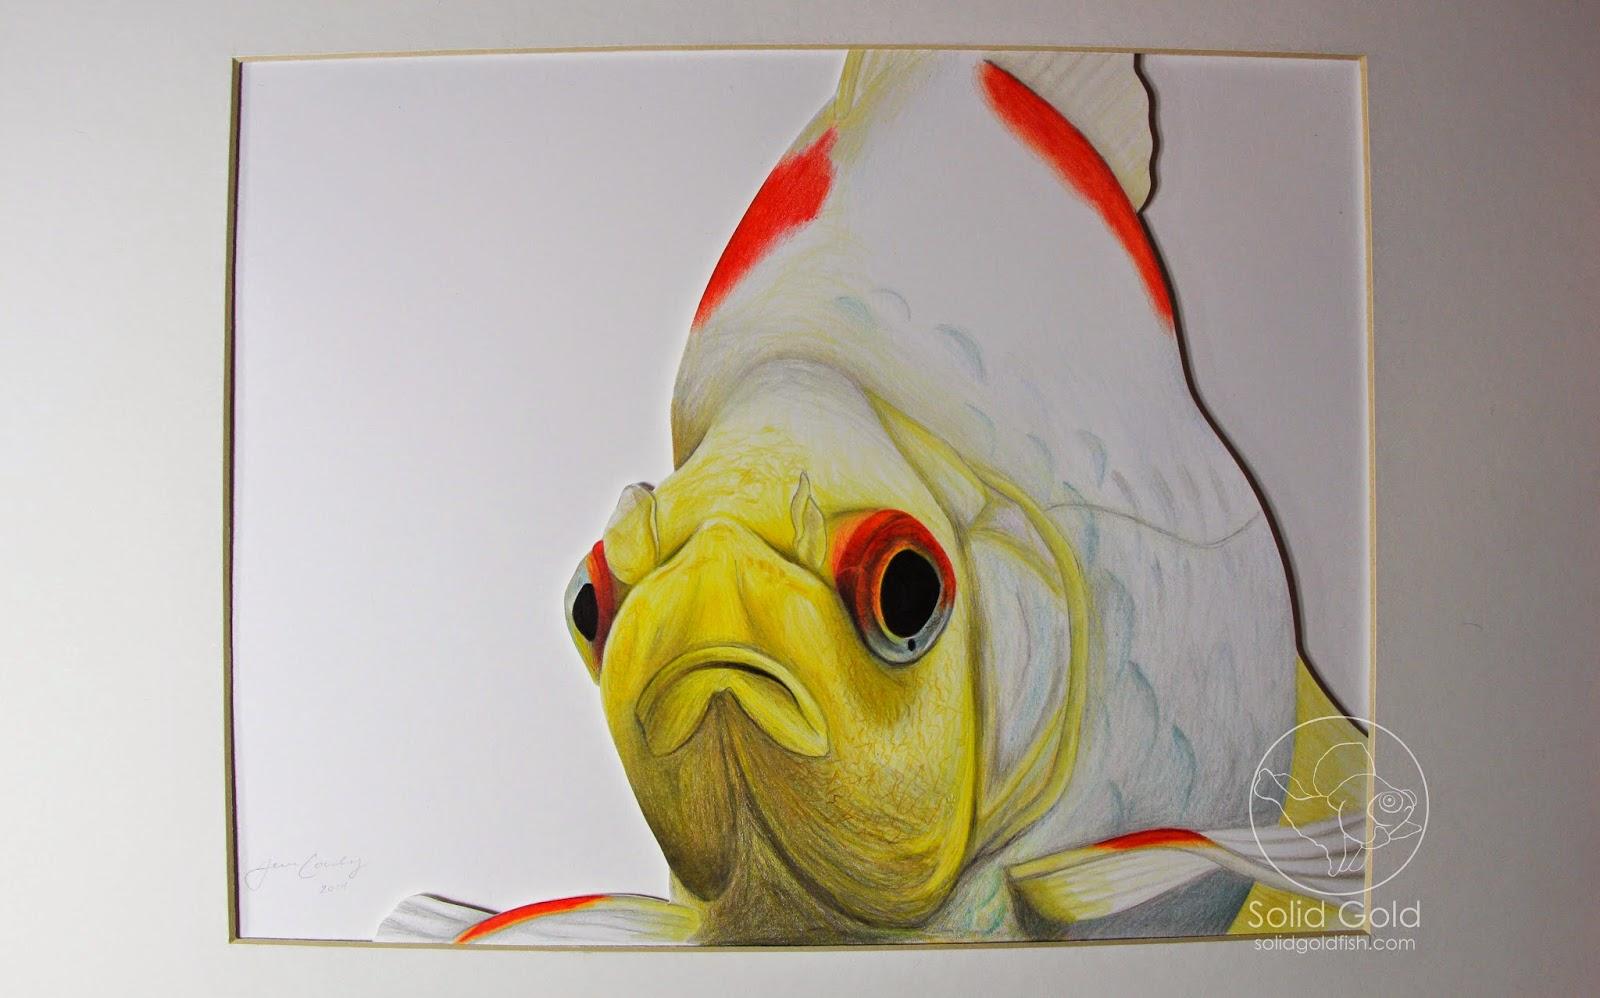 Solid gold sketchbook solid gold aquatics for Solid gold fish